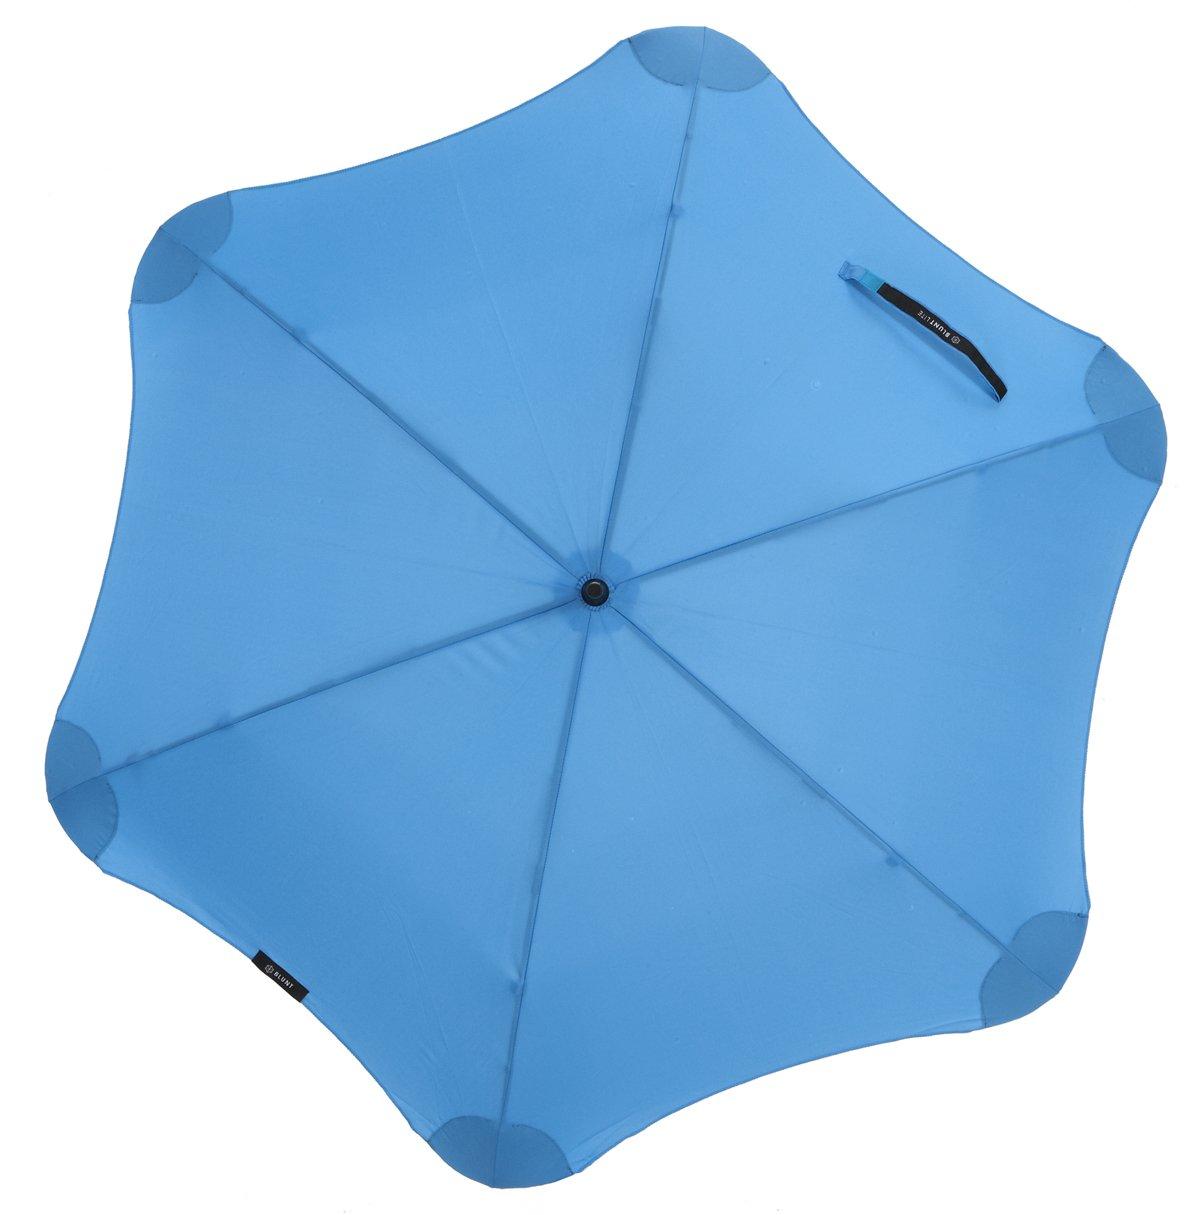 Blunt Umbrella by Greig Brebner – Blue-22471